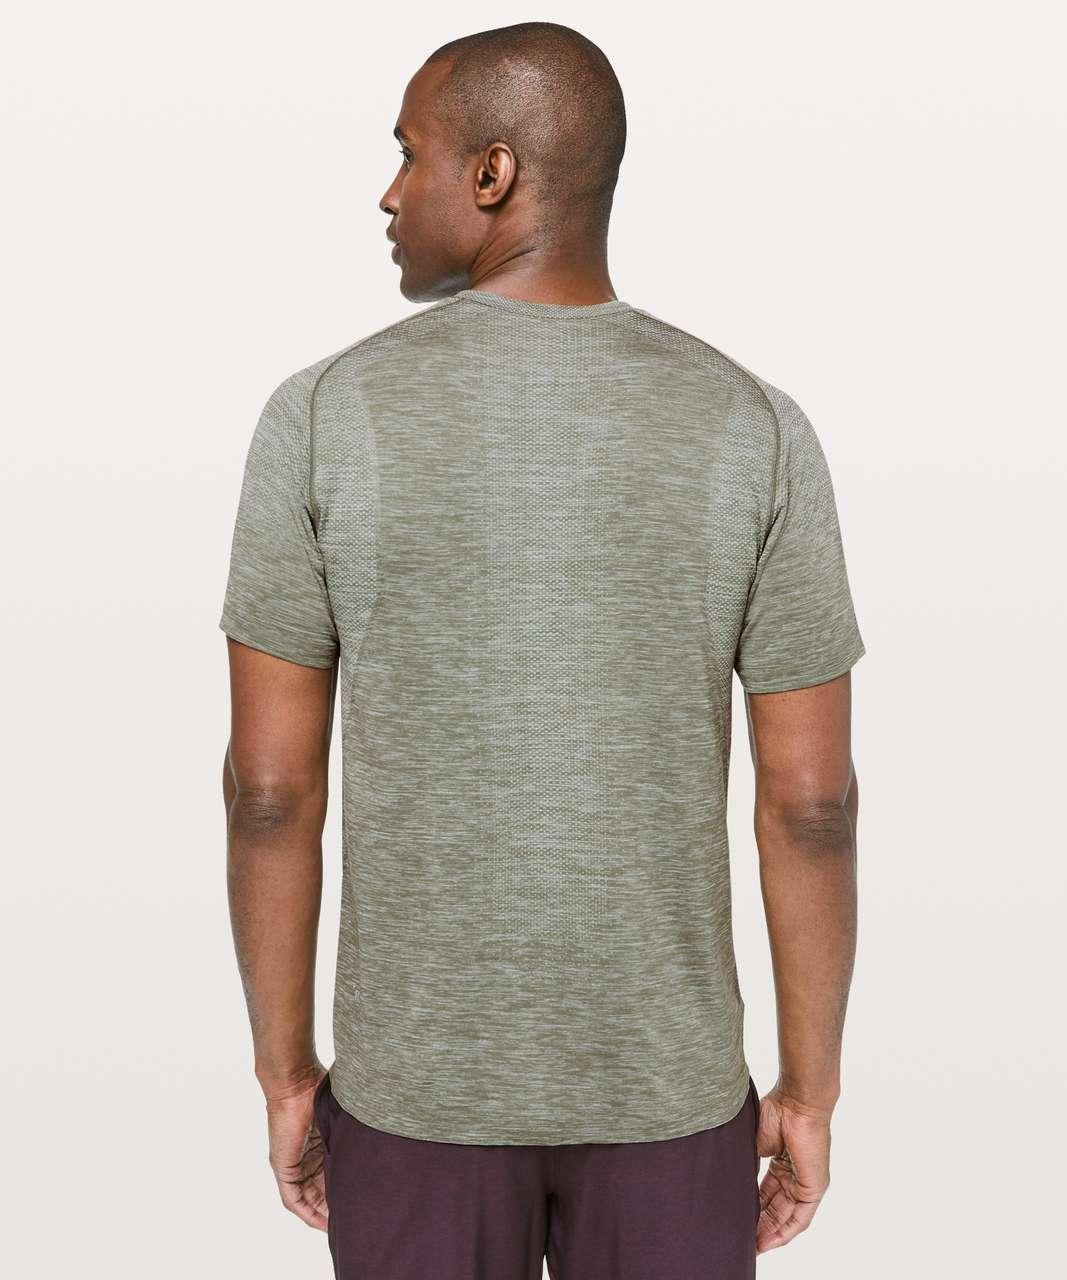 Lululemon Metal Vent Tech Short Sleeve V - Ocean Mist / Grey Sage